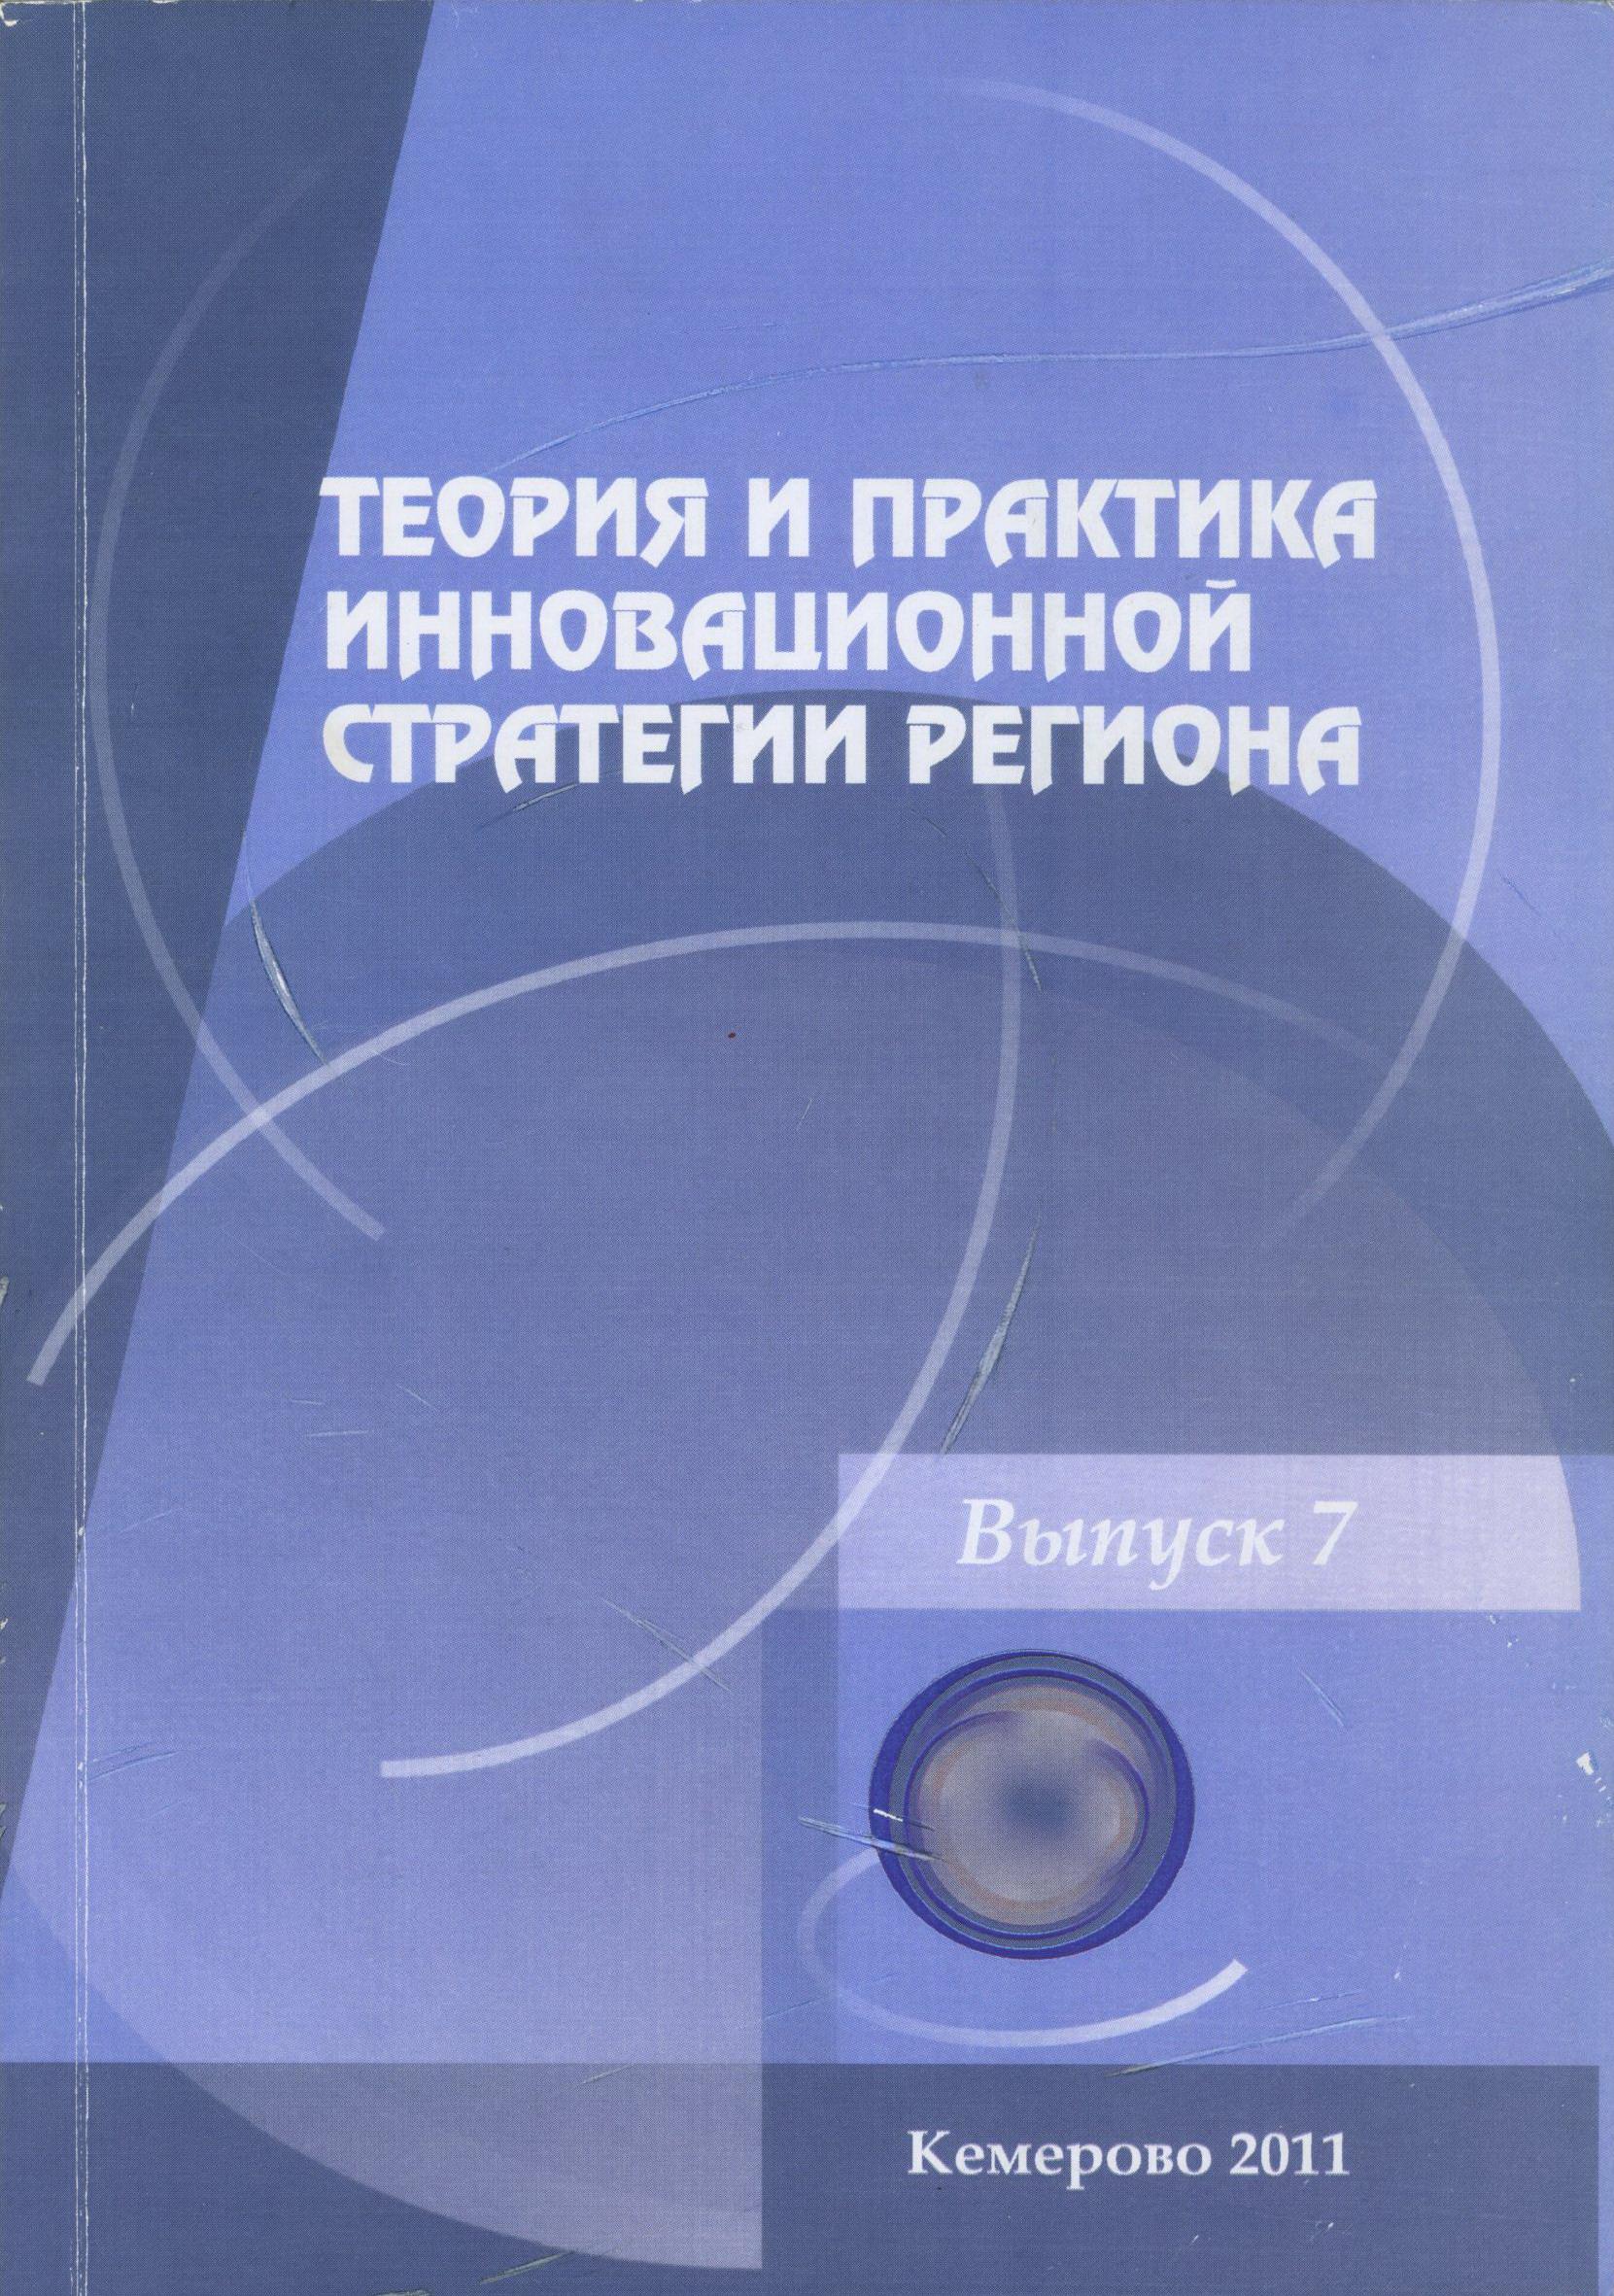 Недостатки теоретической базы инновационной деятельности: учетно-аналитический аспект